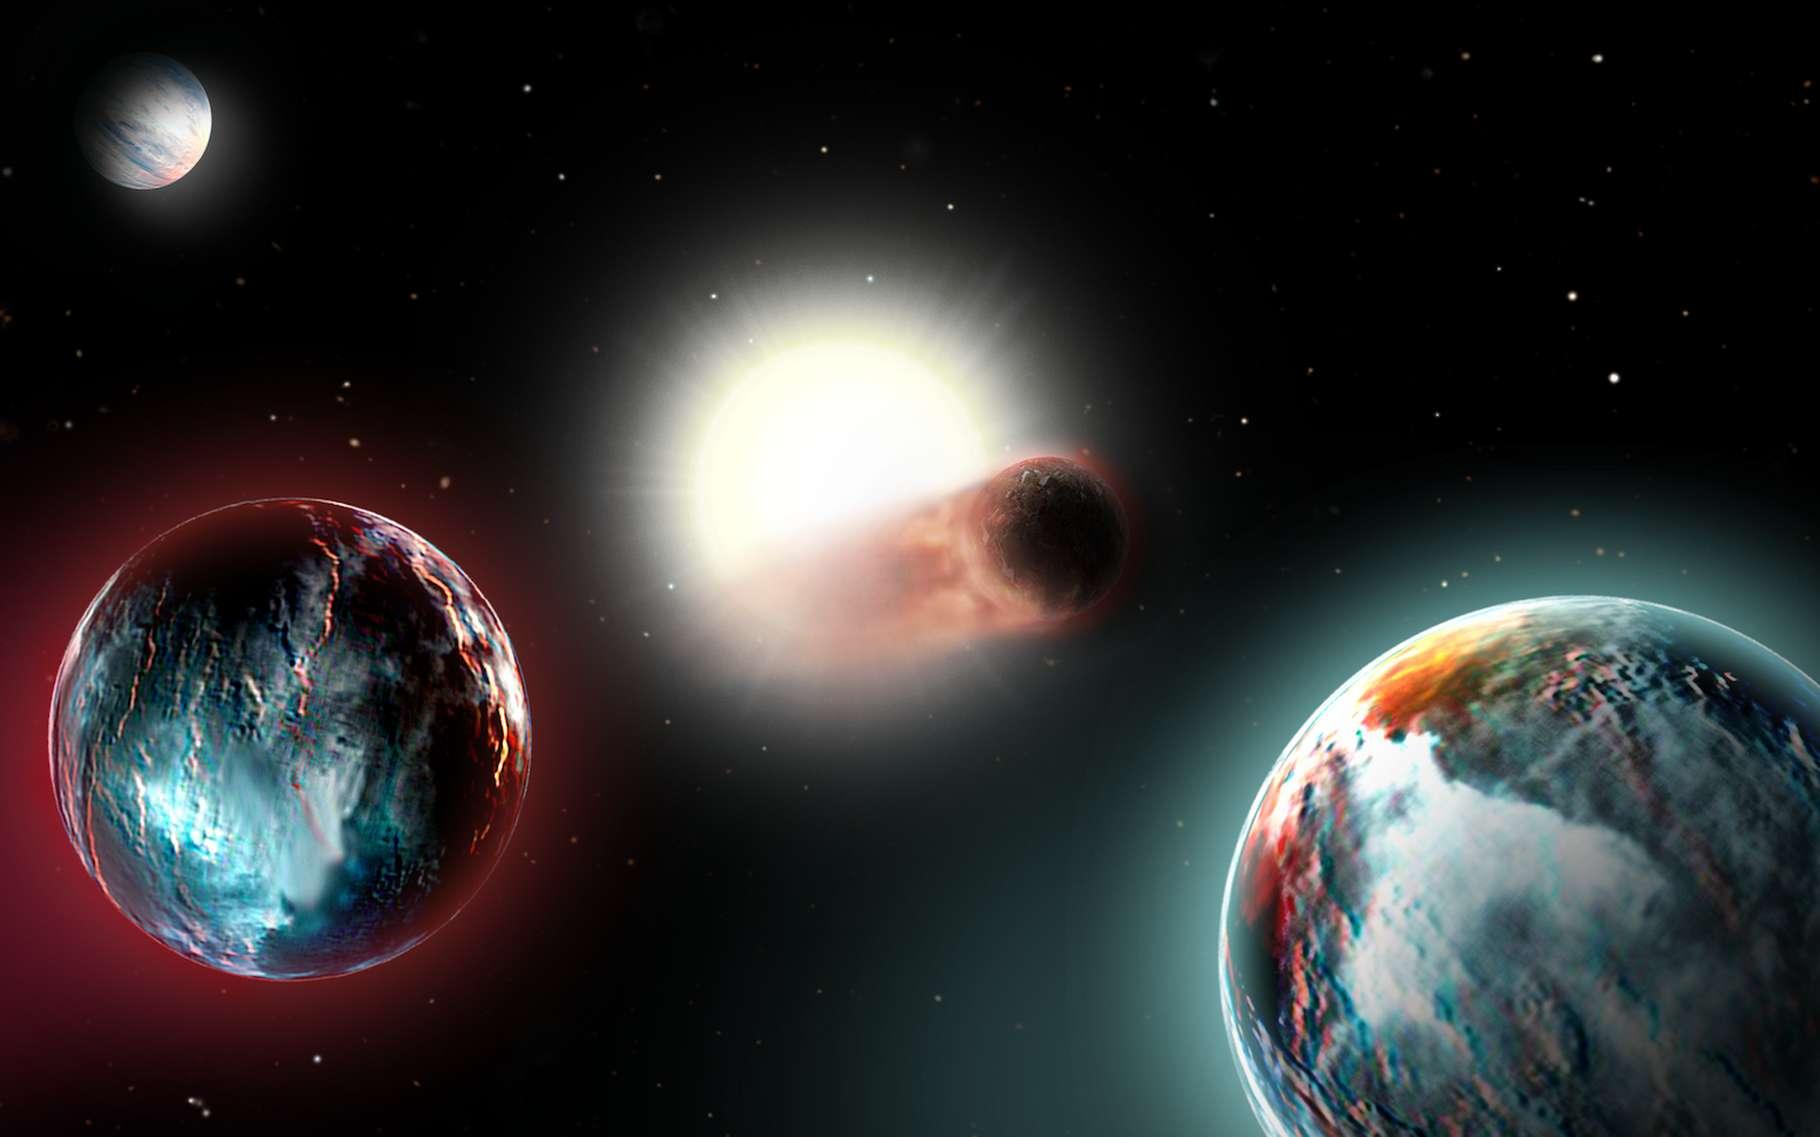 Des astronomes de l'Institut Leibniz d'astrophysique de Potsdam (Allemagne) annoncent que les quatre planètes découvertes récemment autour de l'étoile V1298 Tauri ont peu de chance de réussir à conserver leur atmosphère. Leur soleil est en train de les « cuire ». © J. Fohlmeister, Institut Leibniz d'astrophysique de Potsdam